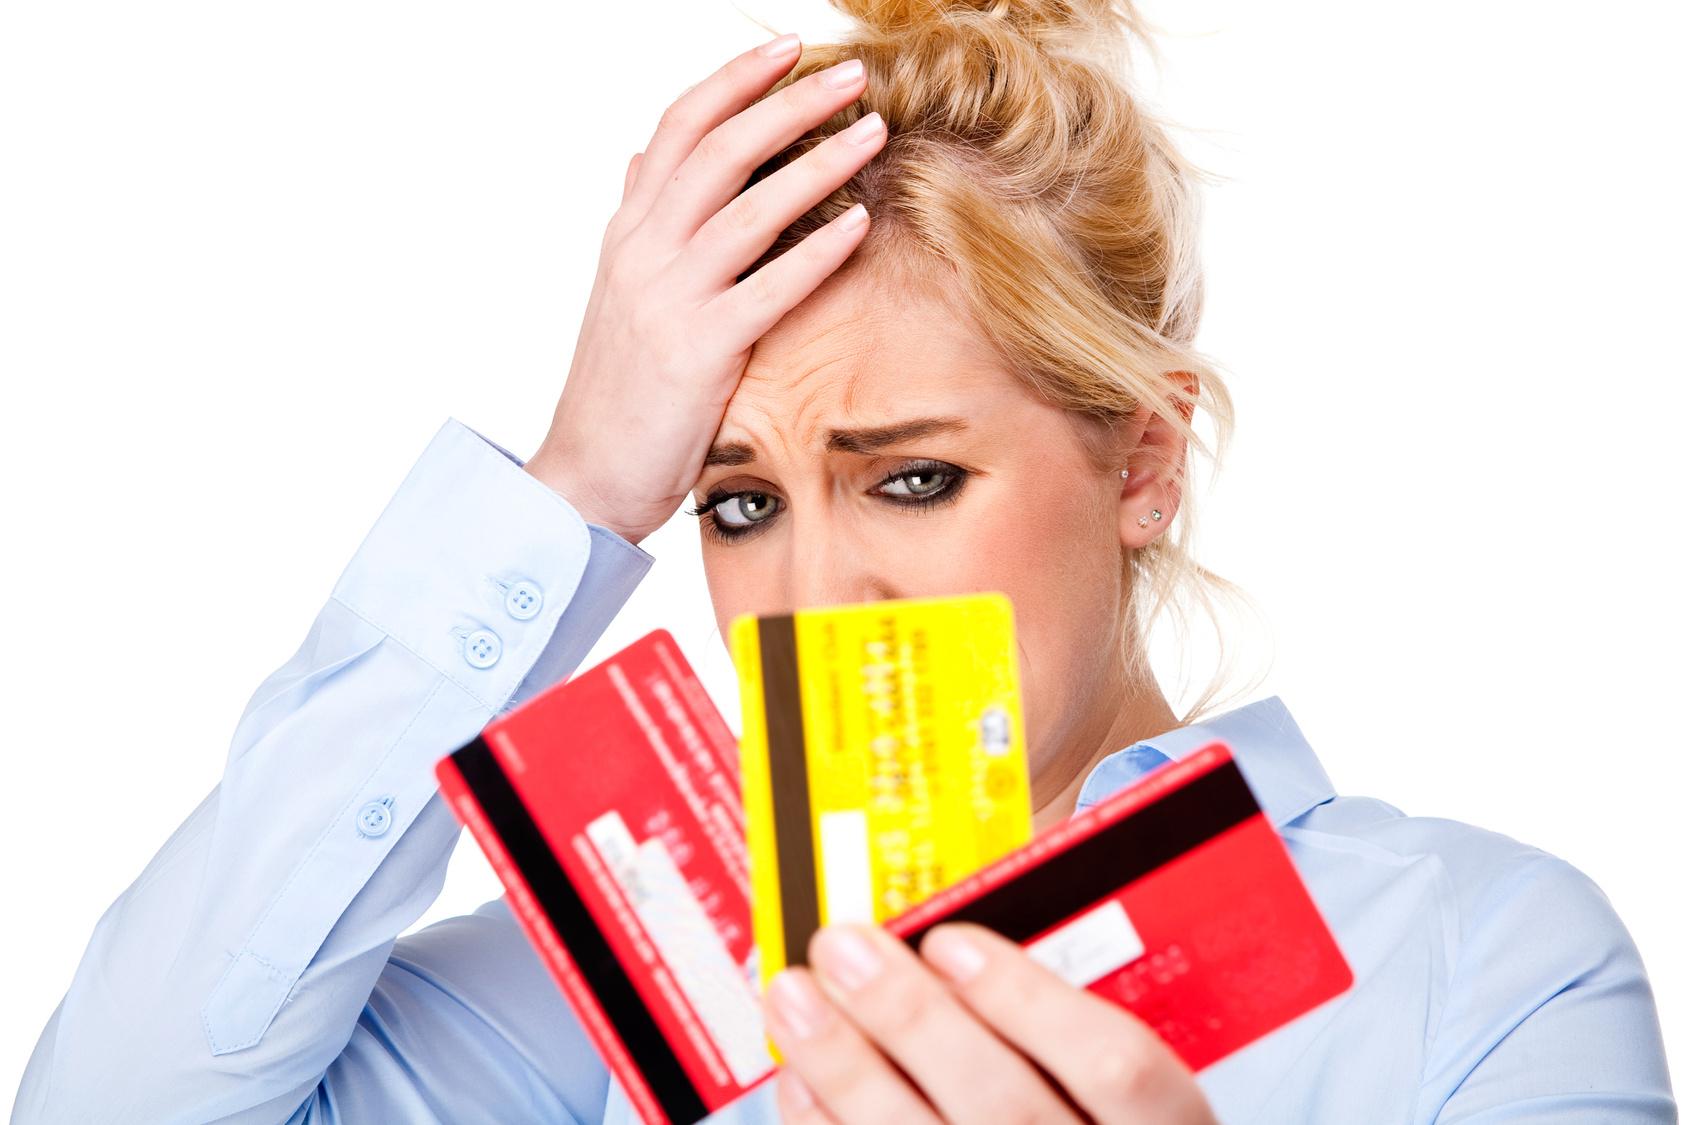 Изображение - Пополняем арестованную кредитную карту MyBudget-credit-card-stress